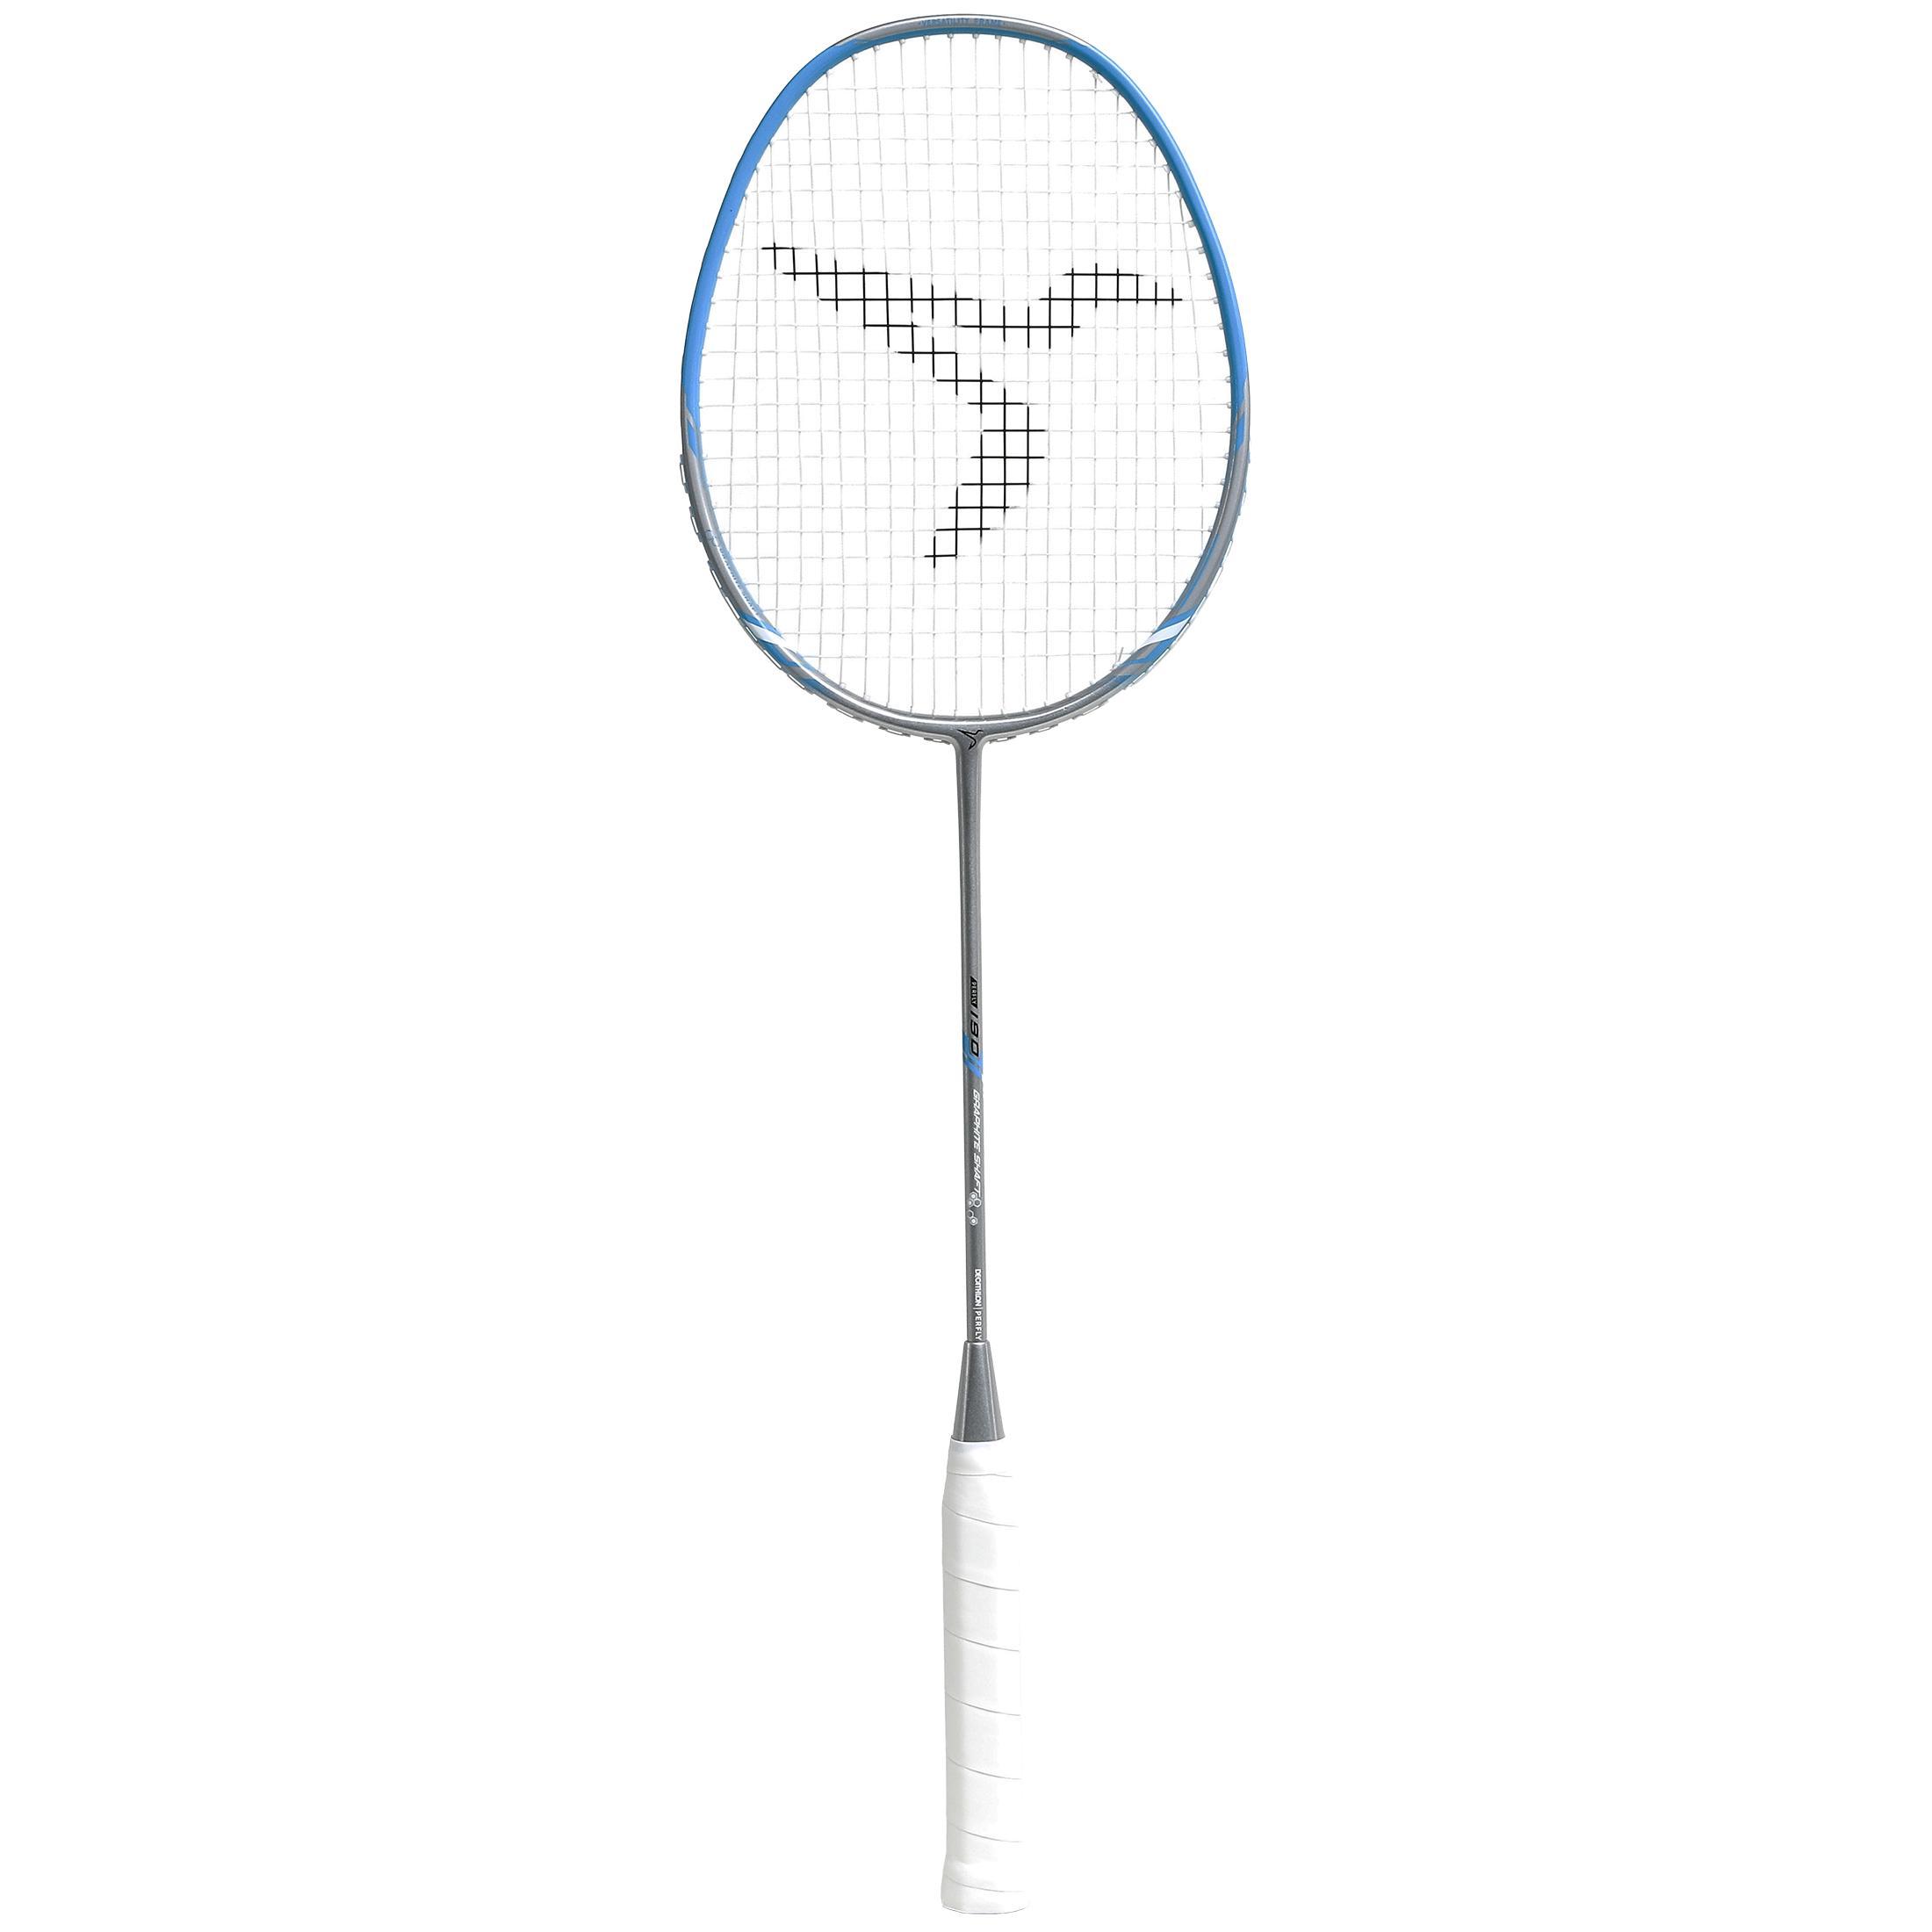 Perfly Raquette De Badminton Adulte BR 190 - Bleu Ciel - Perfly